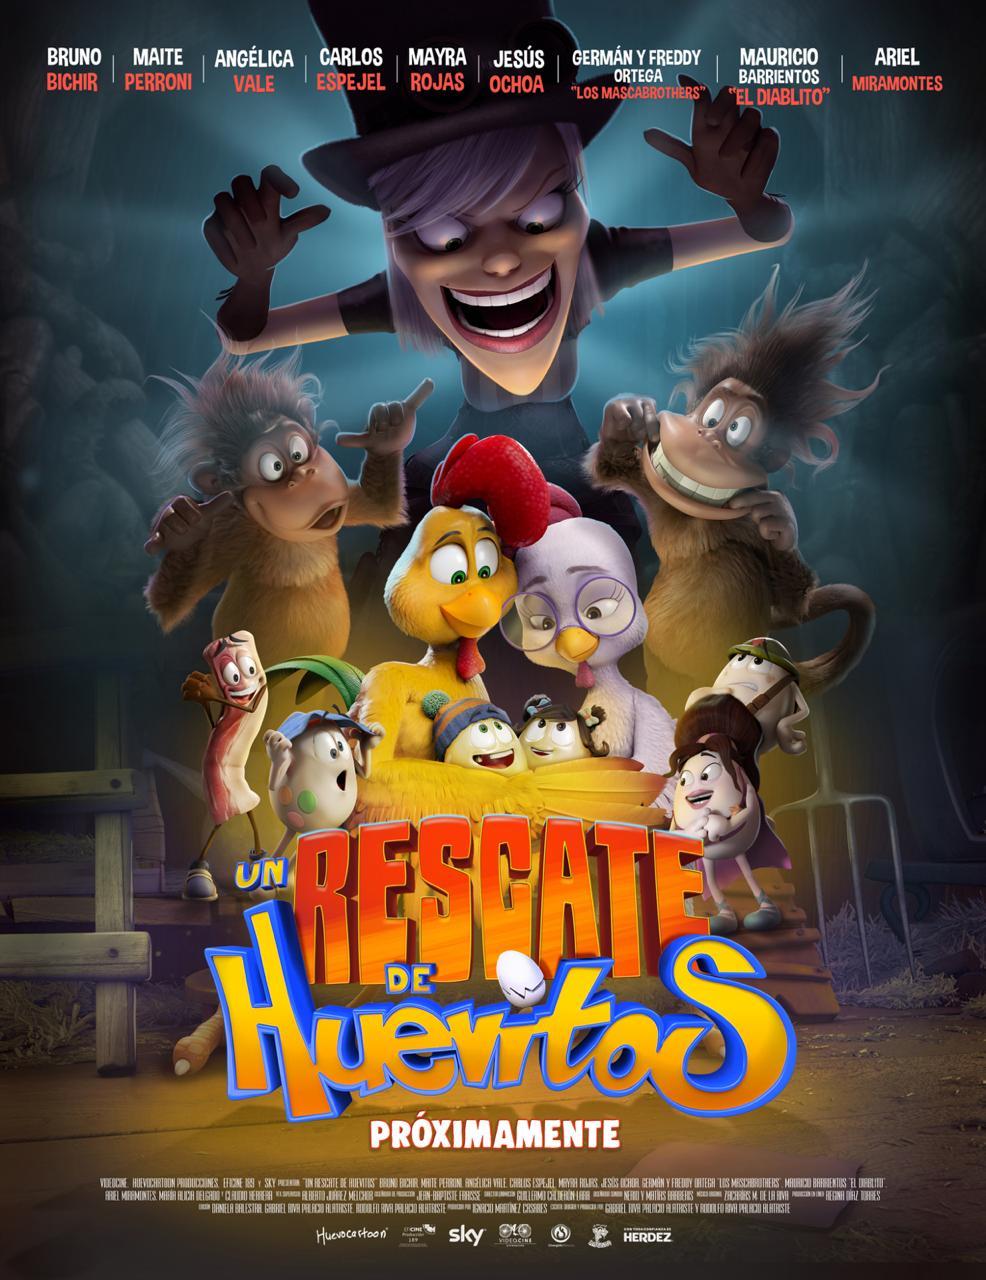 Un rescate de huevitos - SensaCine.com.mx